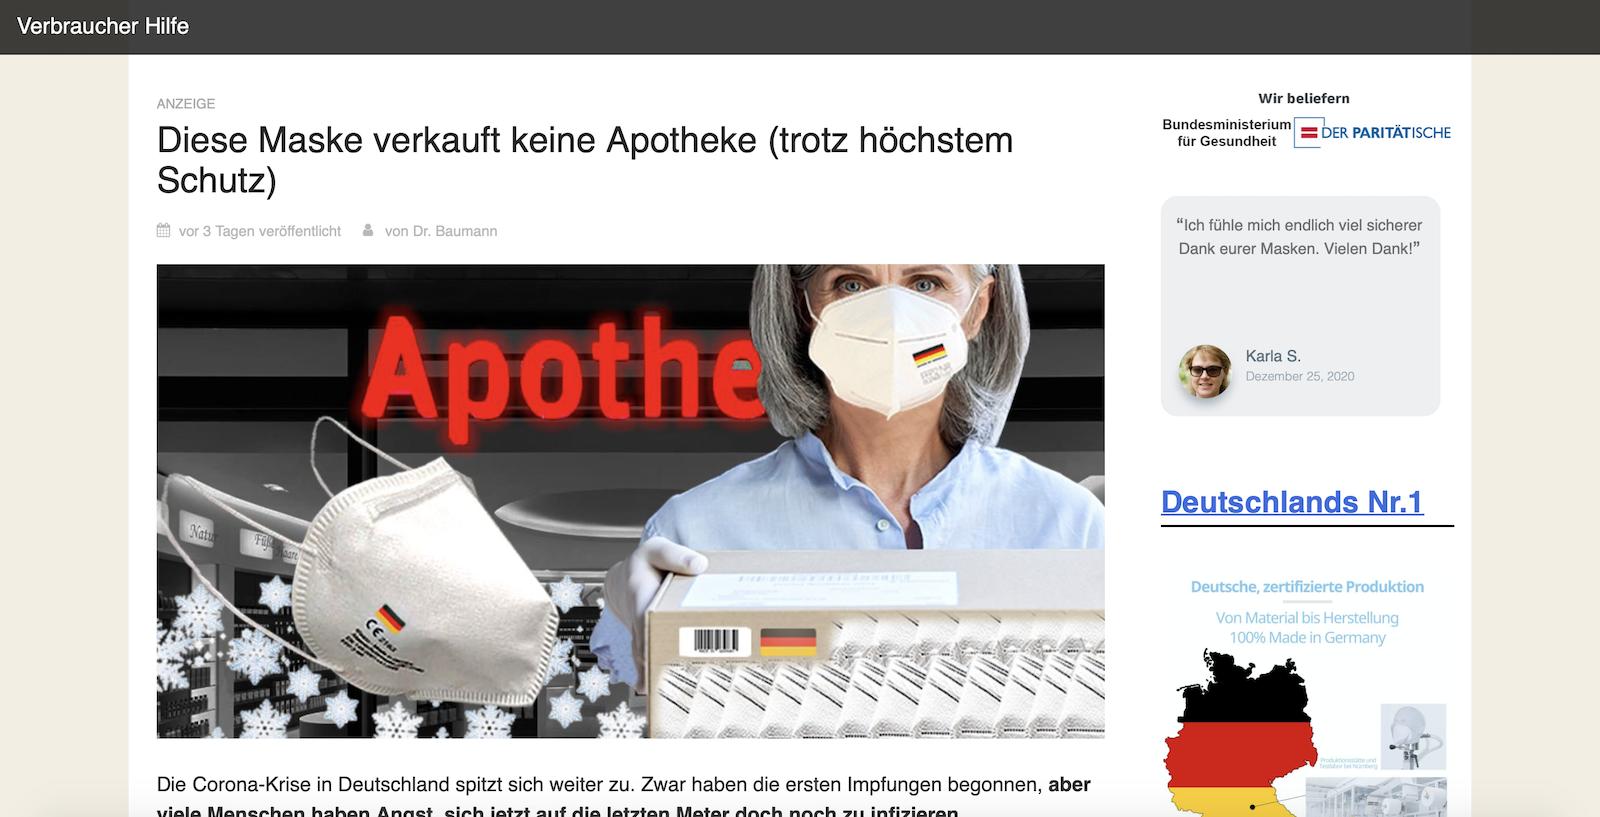 -emp-rend-diese-maske-verkauft-keine-apotheke